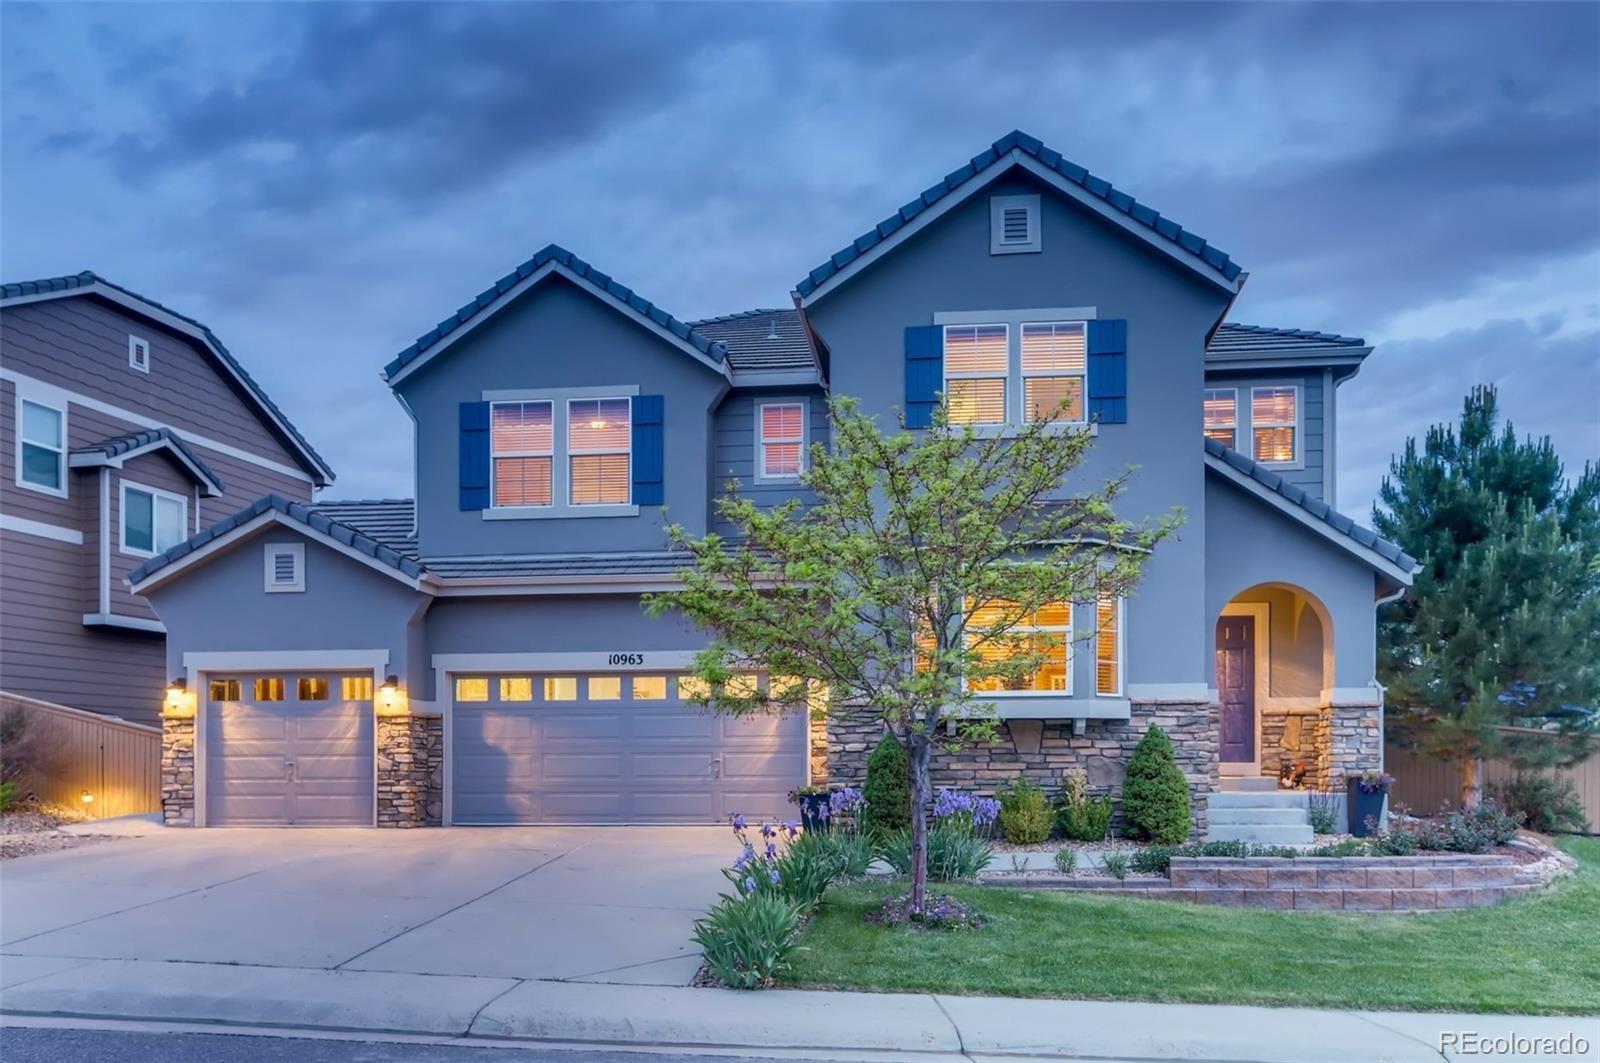 10963  Timber Ridge Lane, Highlands Ranch, CO 80130 - #: 8595206